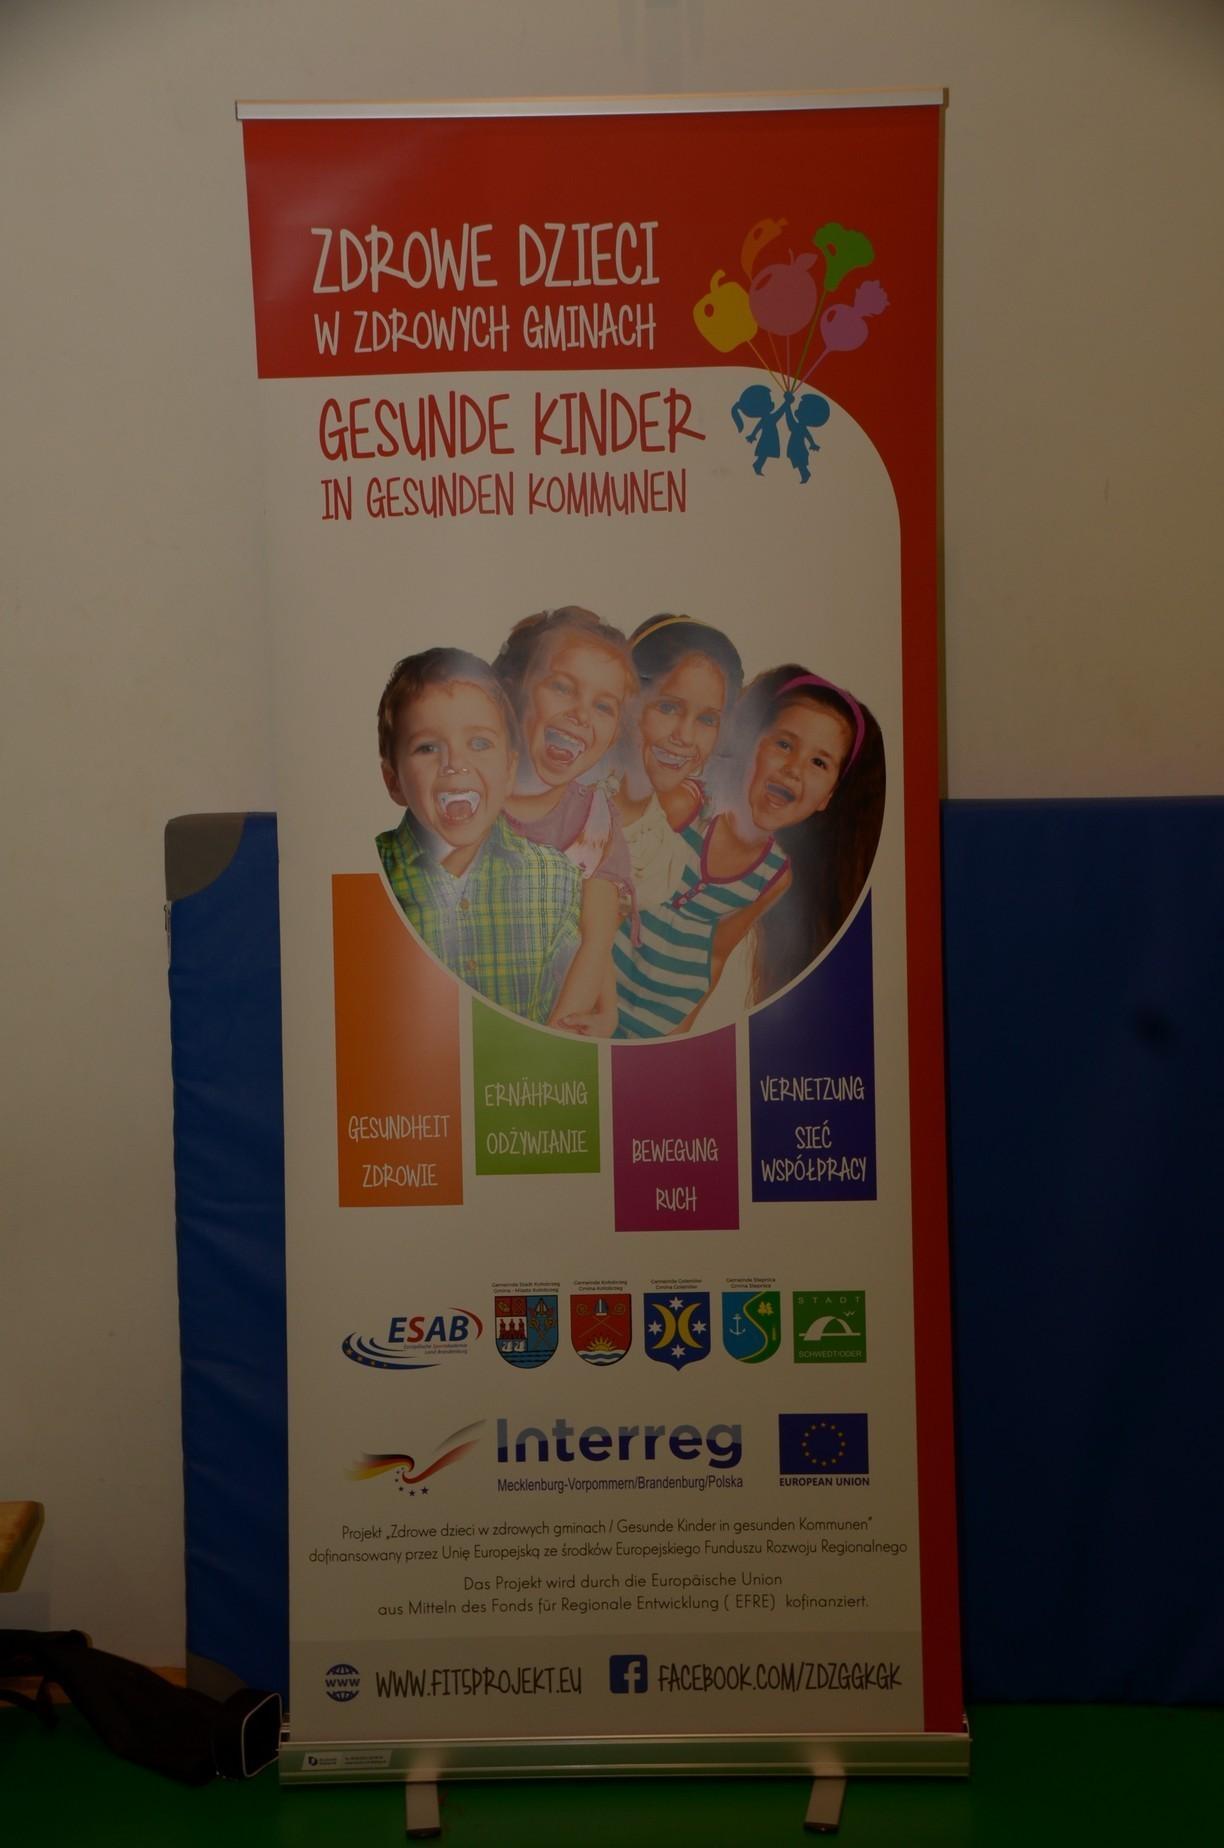 Zdrowe dzieci w zdrowych gminach